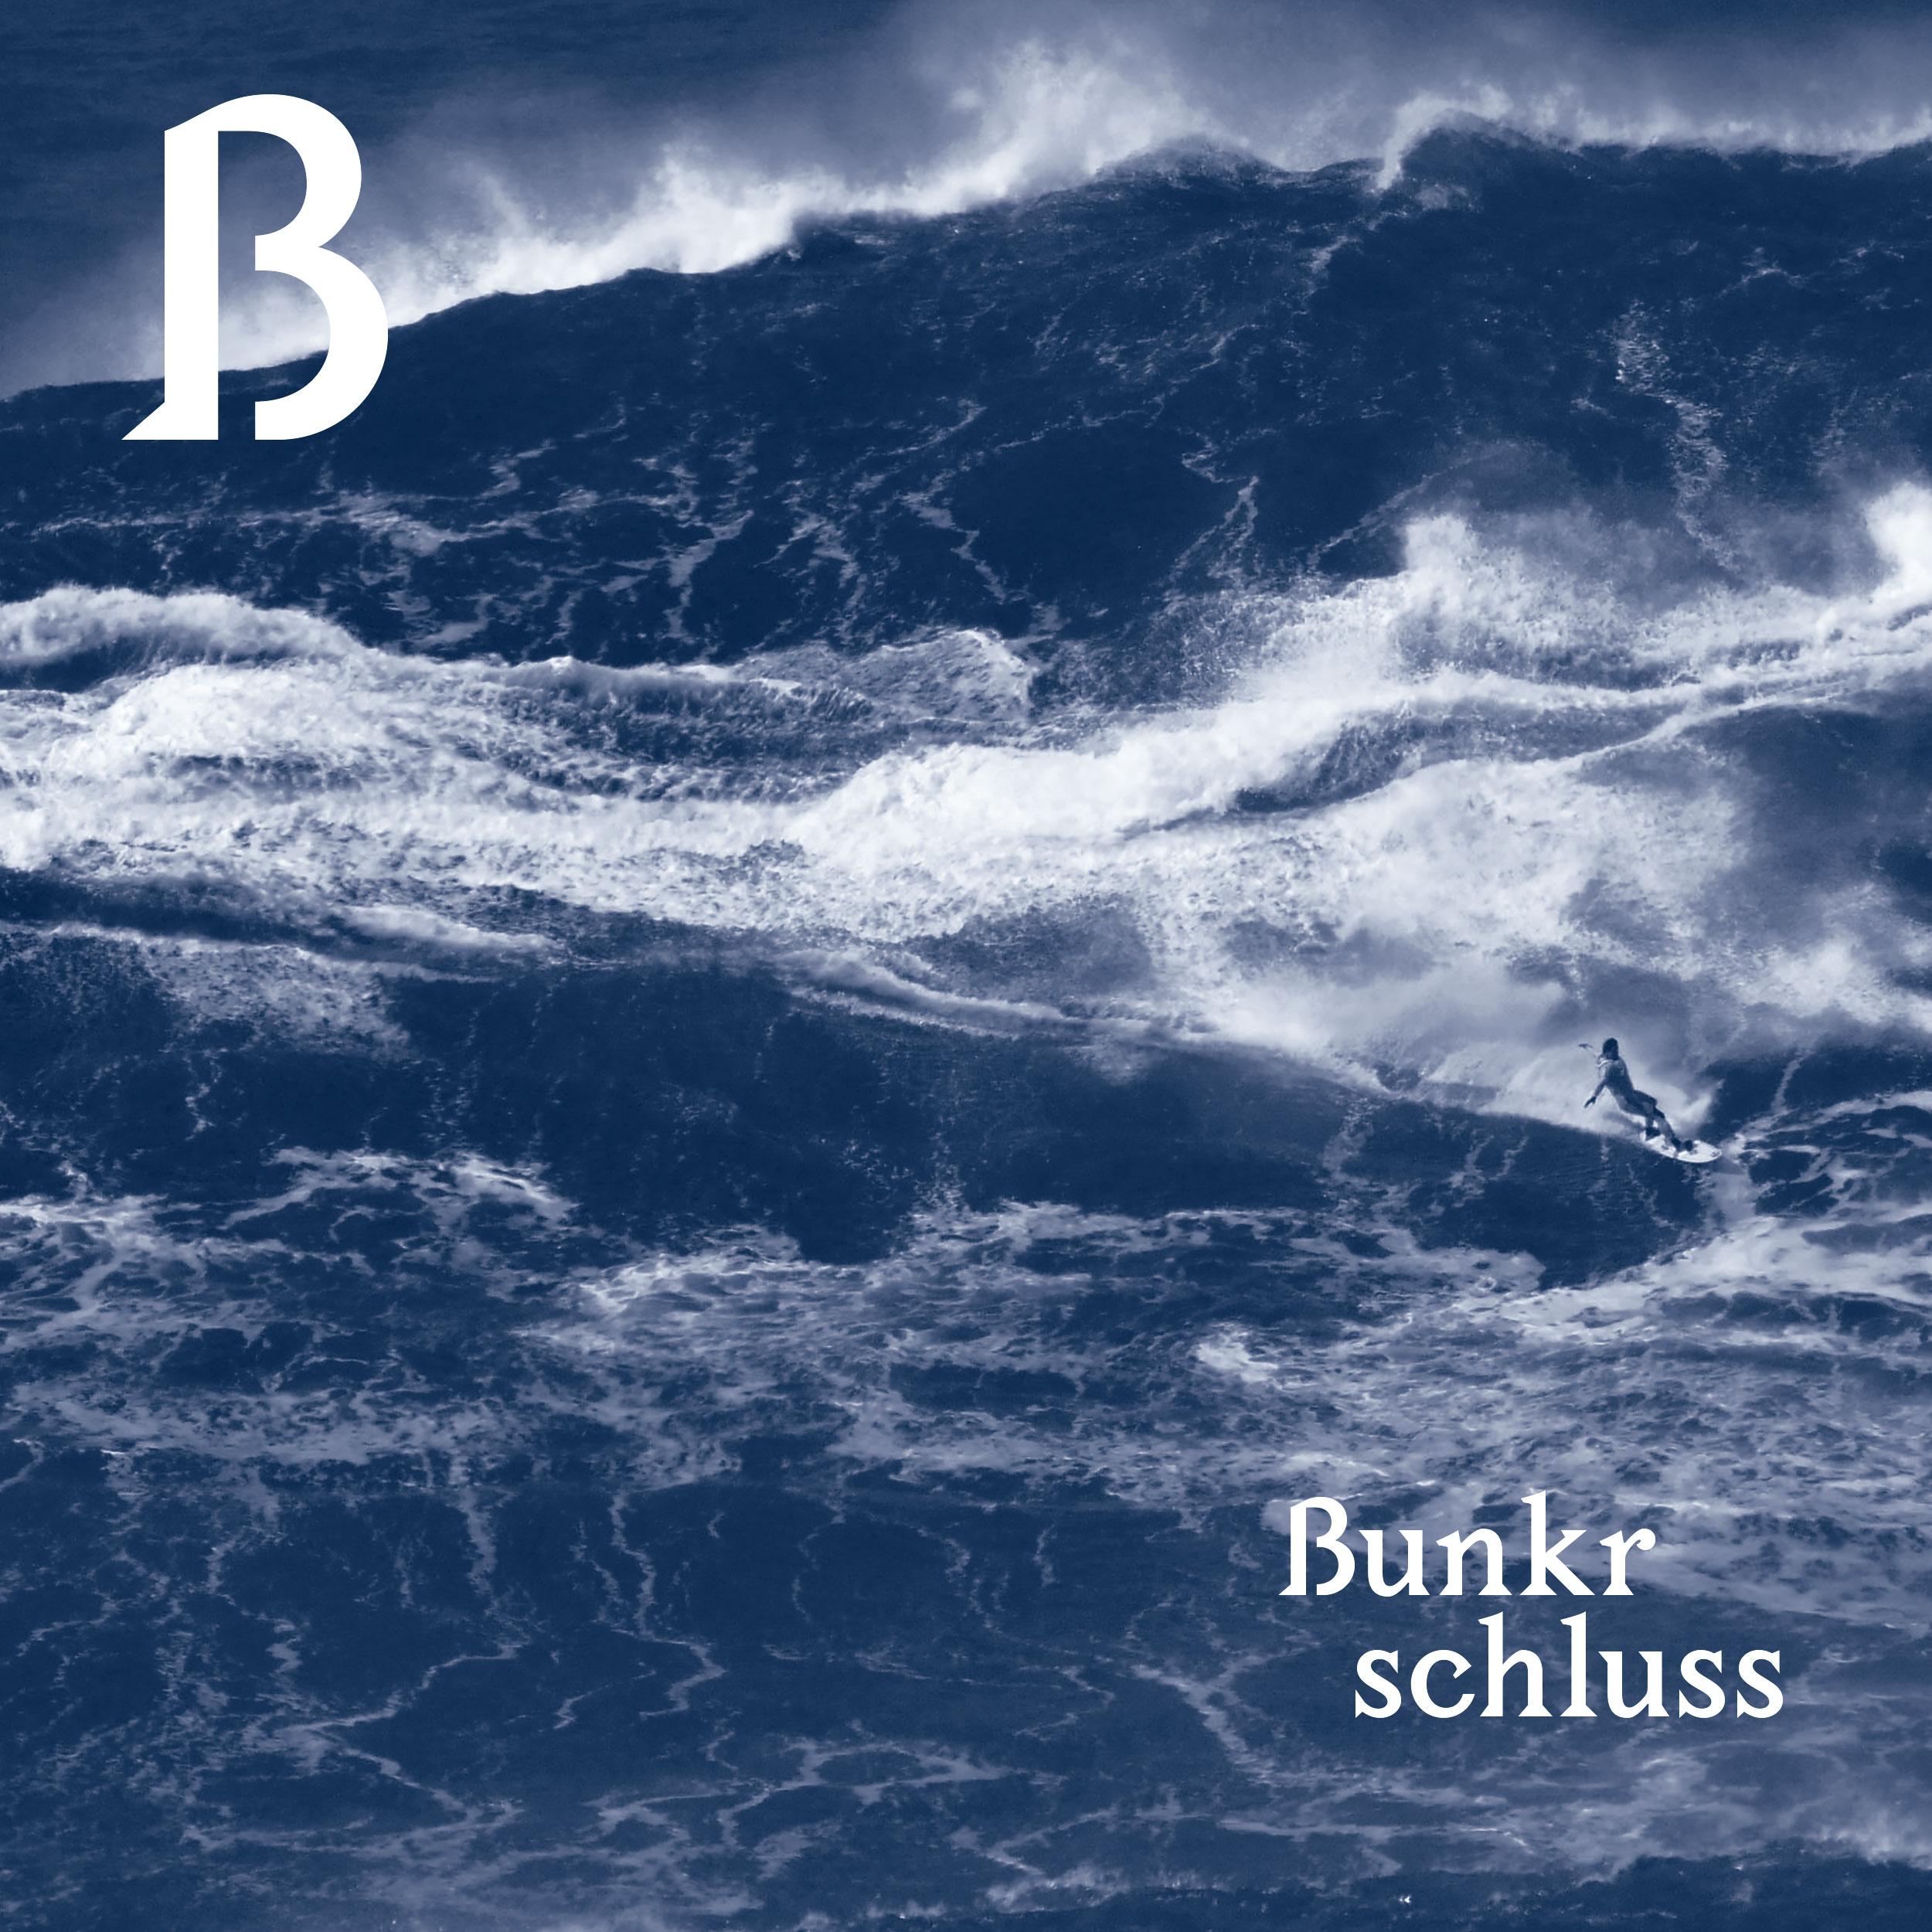 bunkr-schluss-ein-debut-ep-review